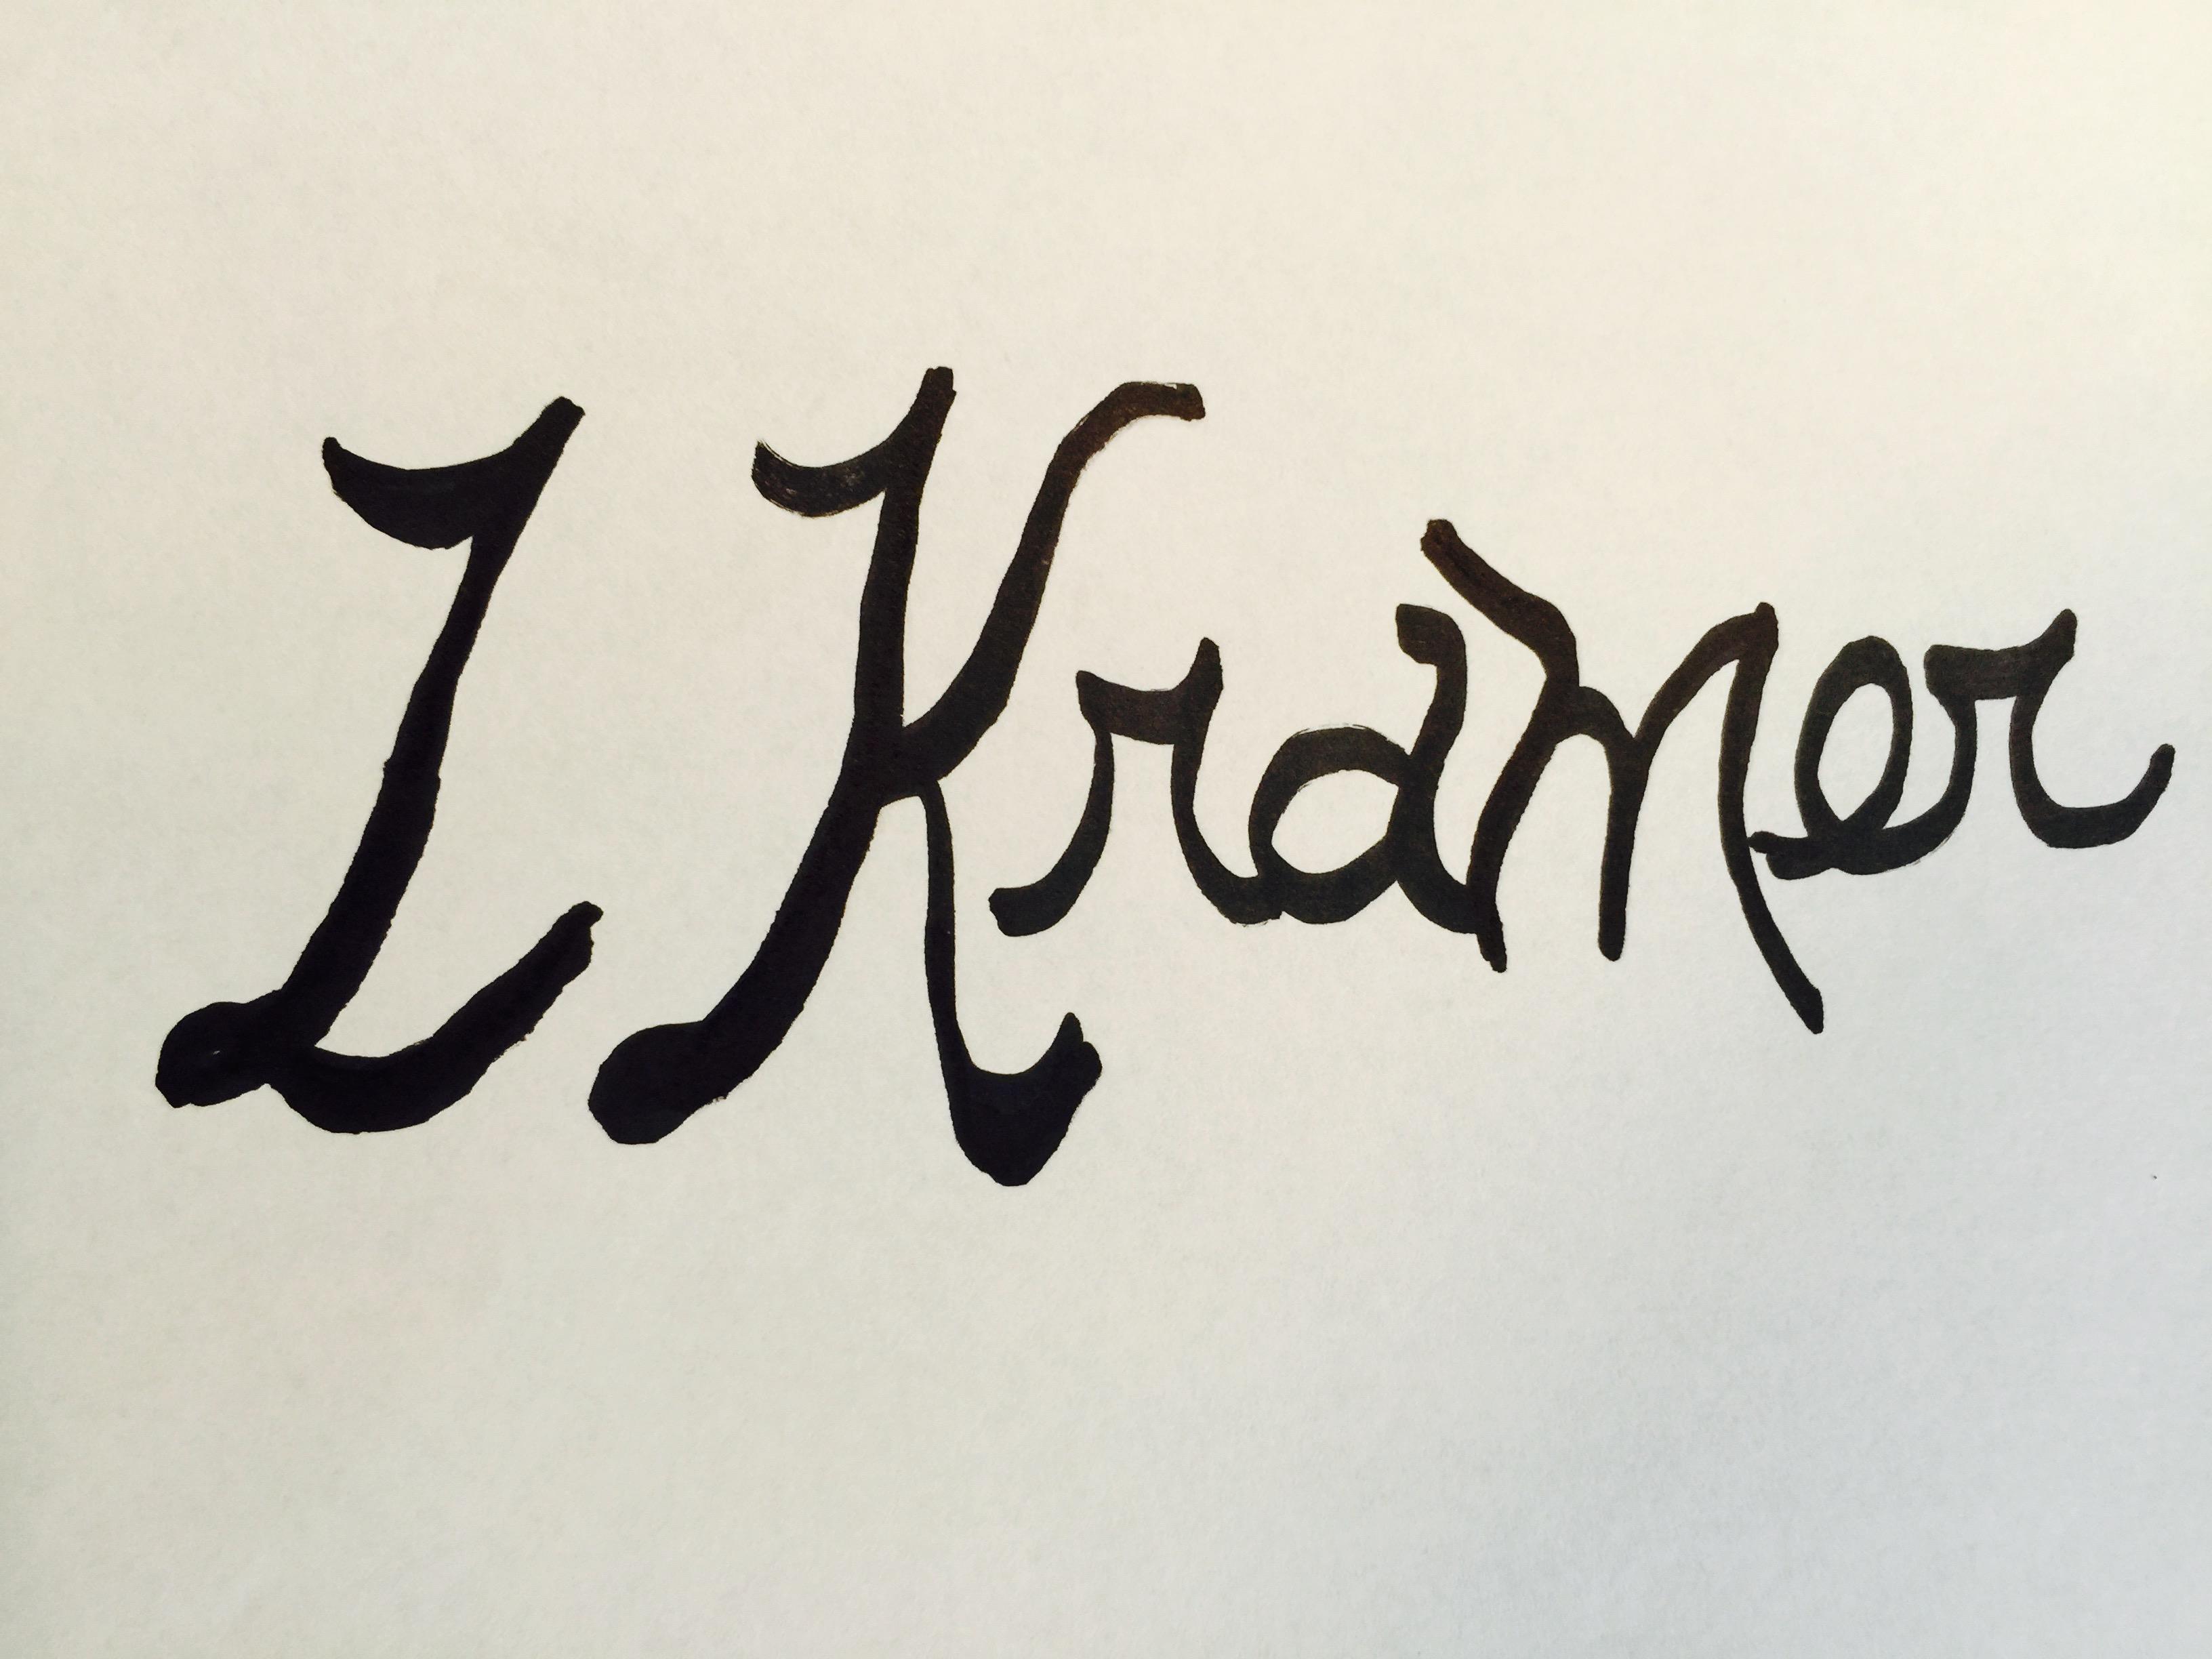 Lisa Kramer's Signature